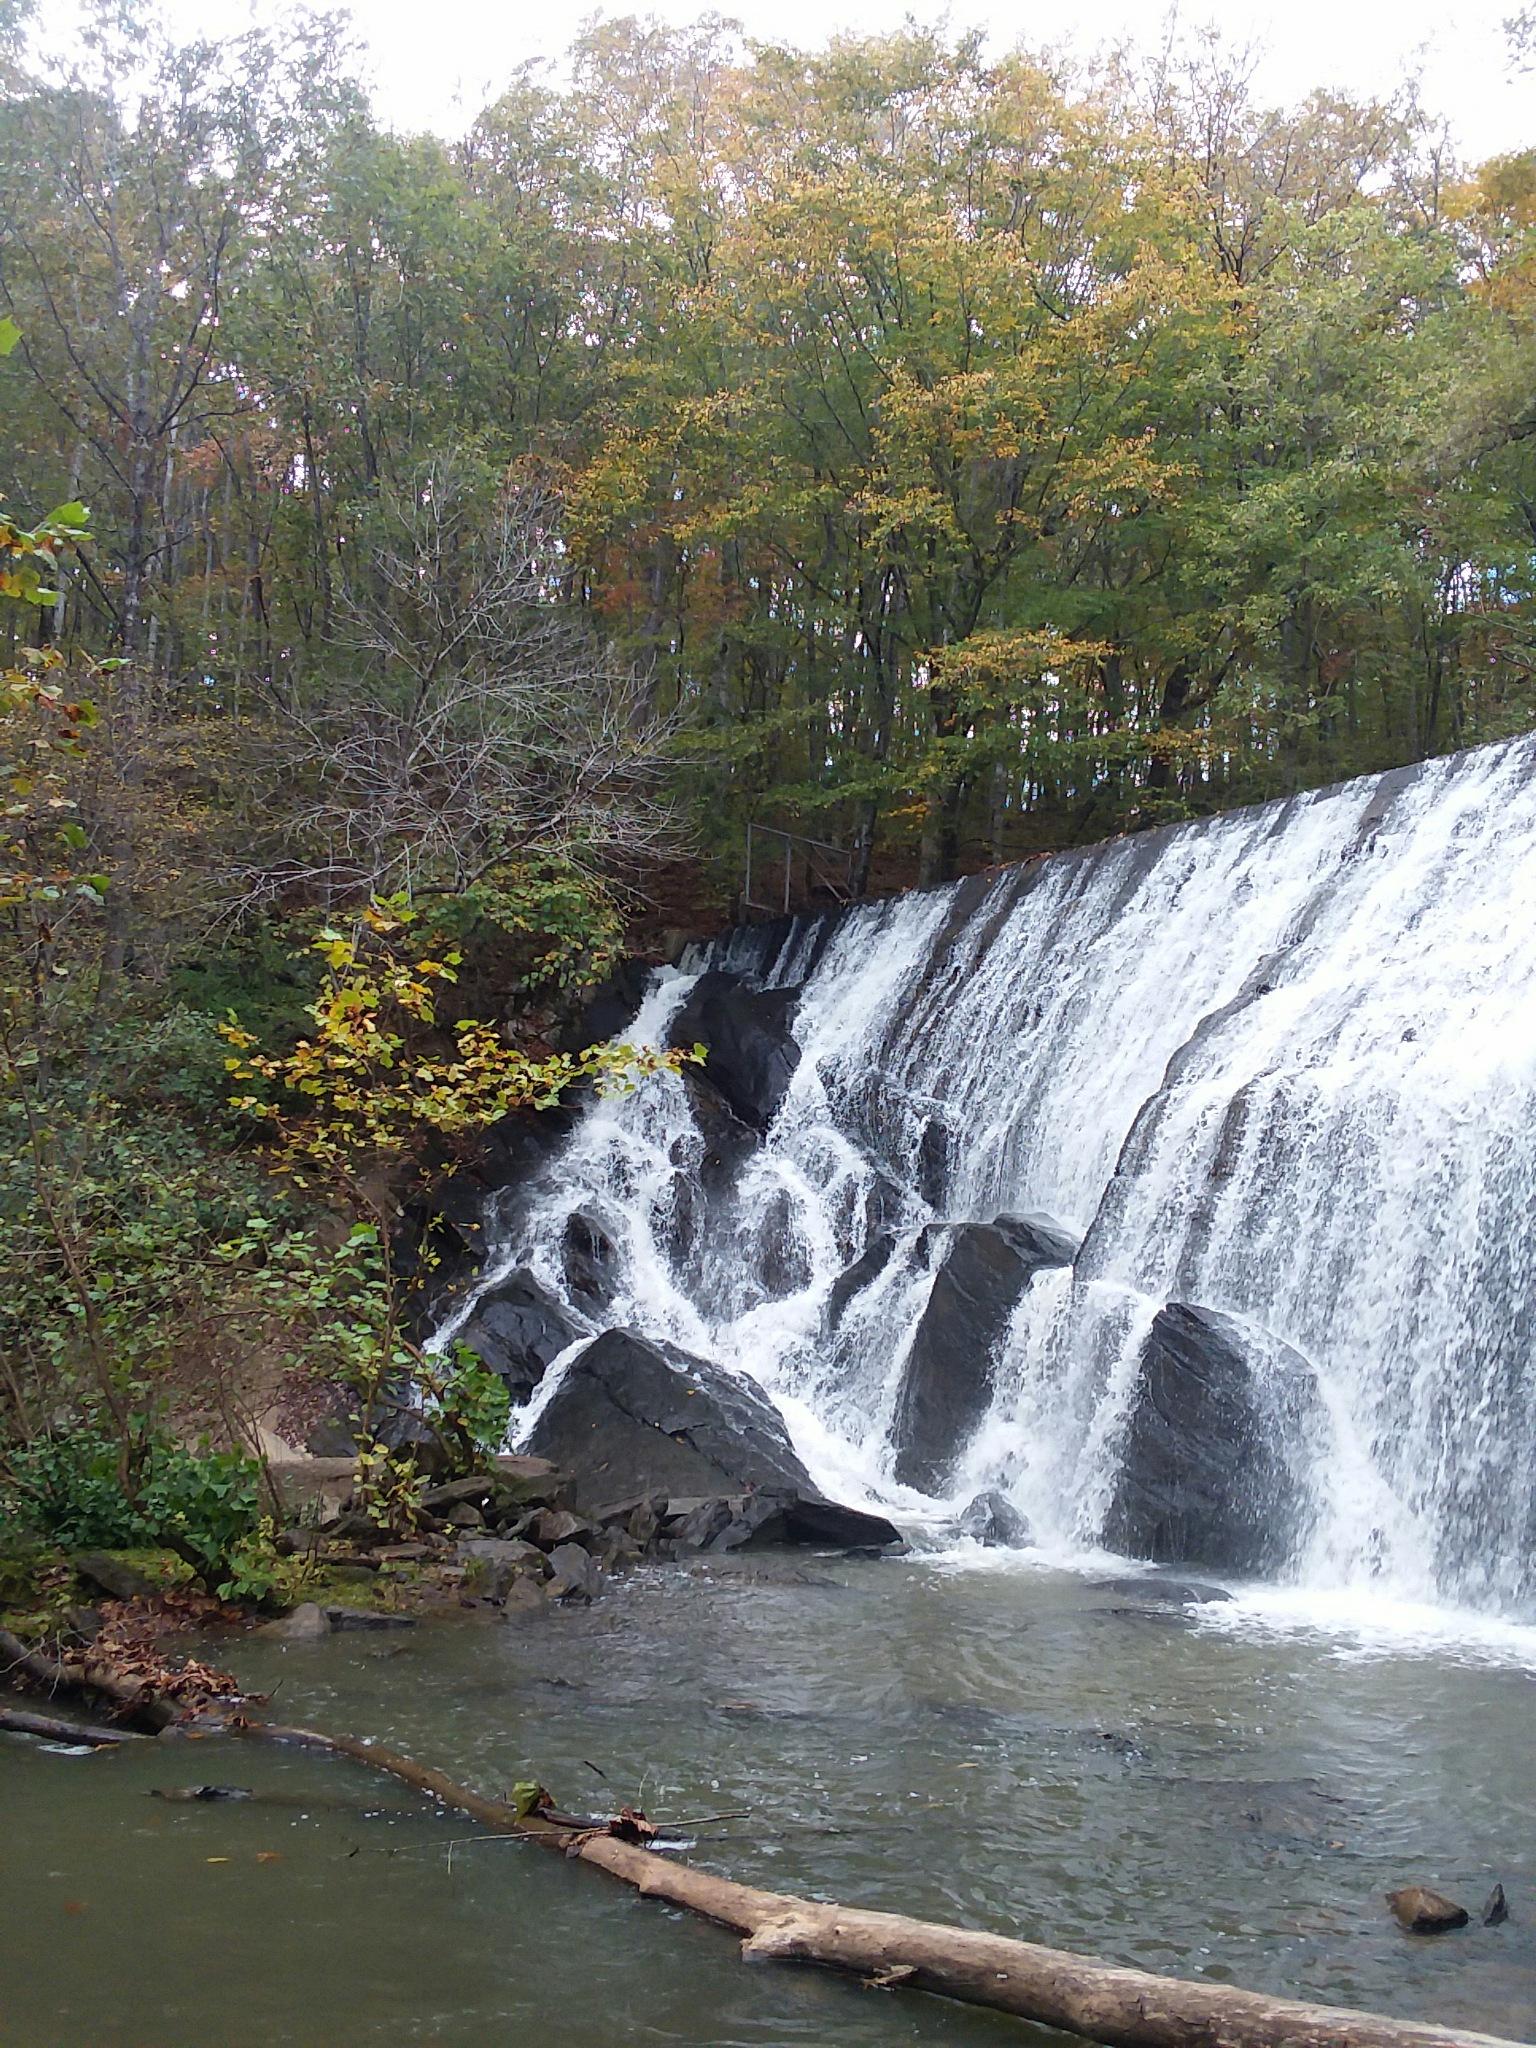 The Ridgeway Falls by Arden C Cynthia